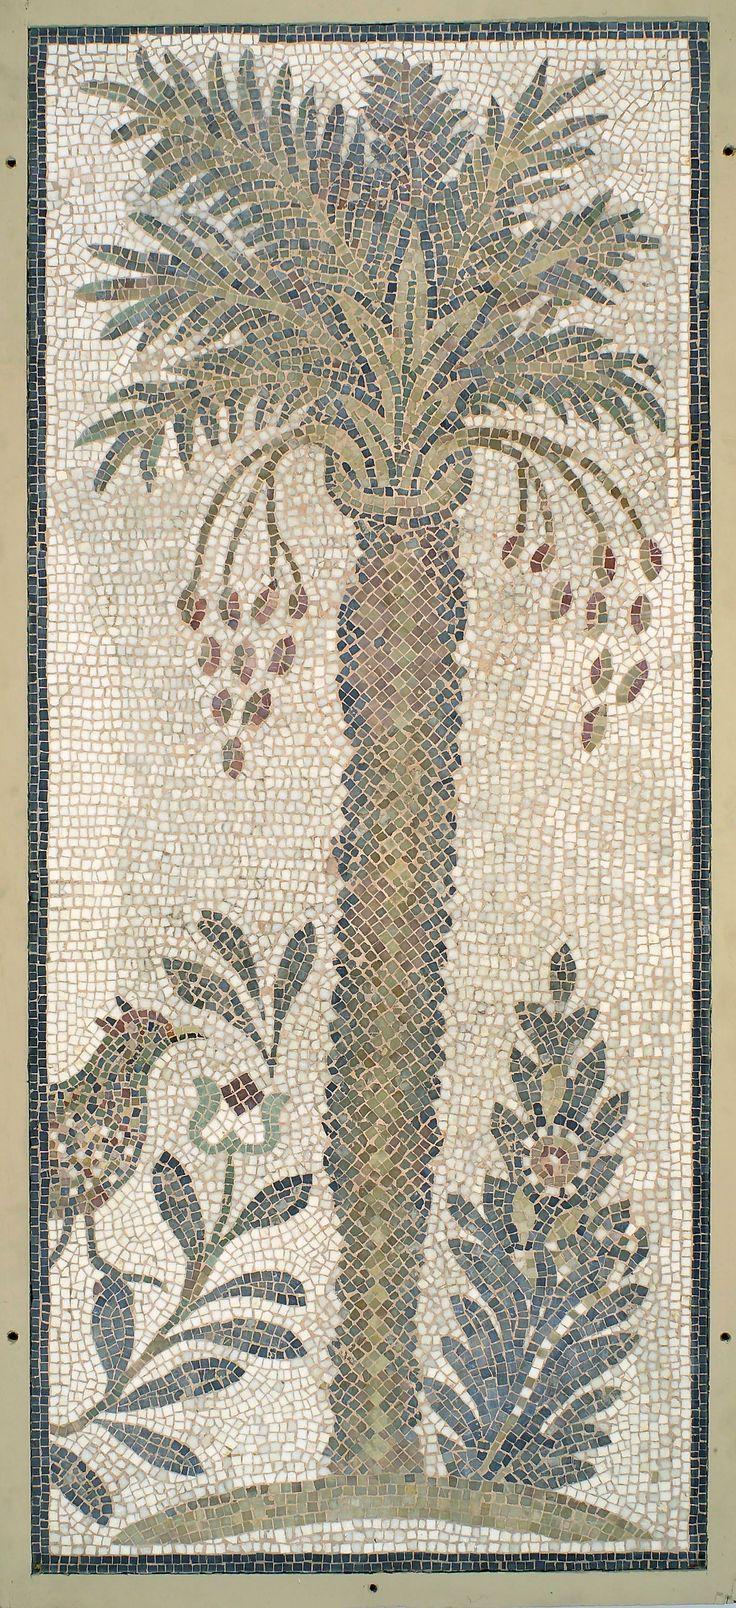 ❤ - Scenes from Paradise: Jewish Roman Mosaics from Tunisia